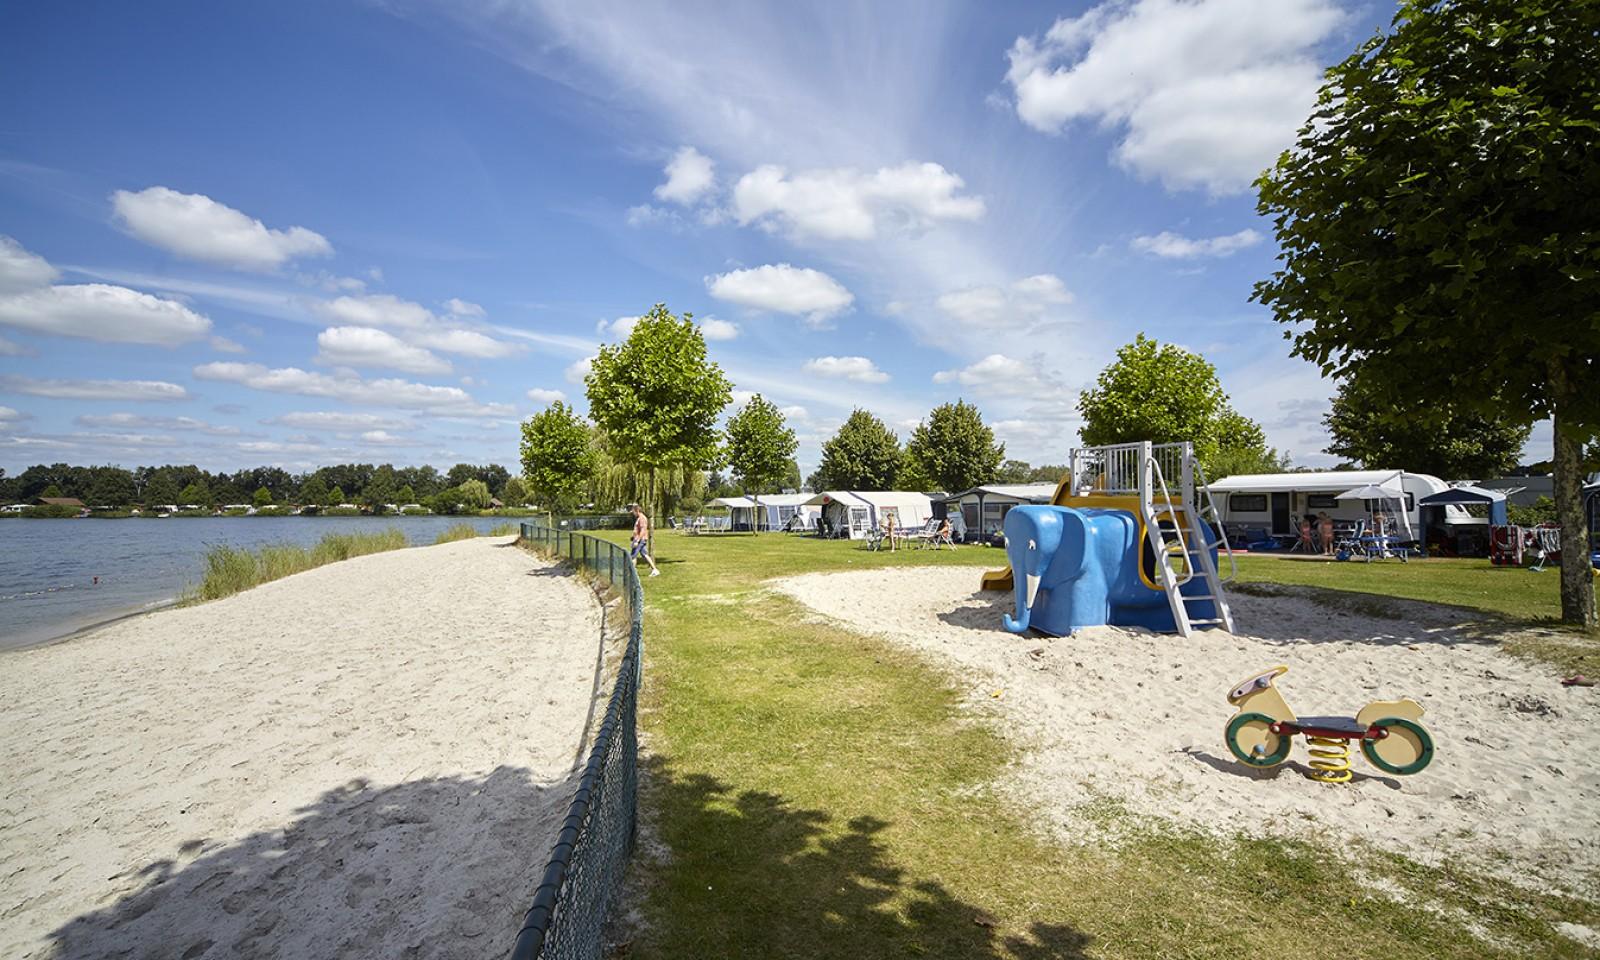 verbringen sie ihren urlaub auf dem campingplatz in holland aatg eu. Black Bedroom Furniture Sets. Home Design Ideas